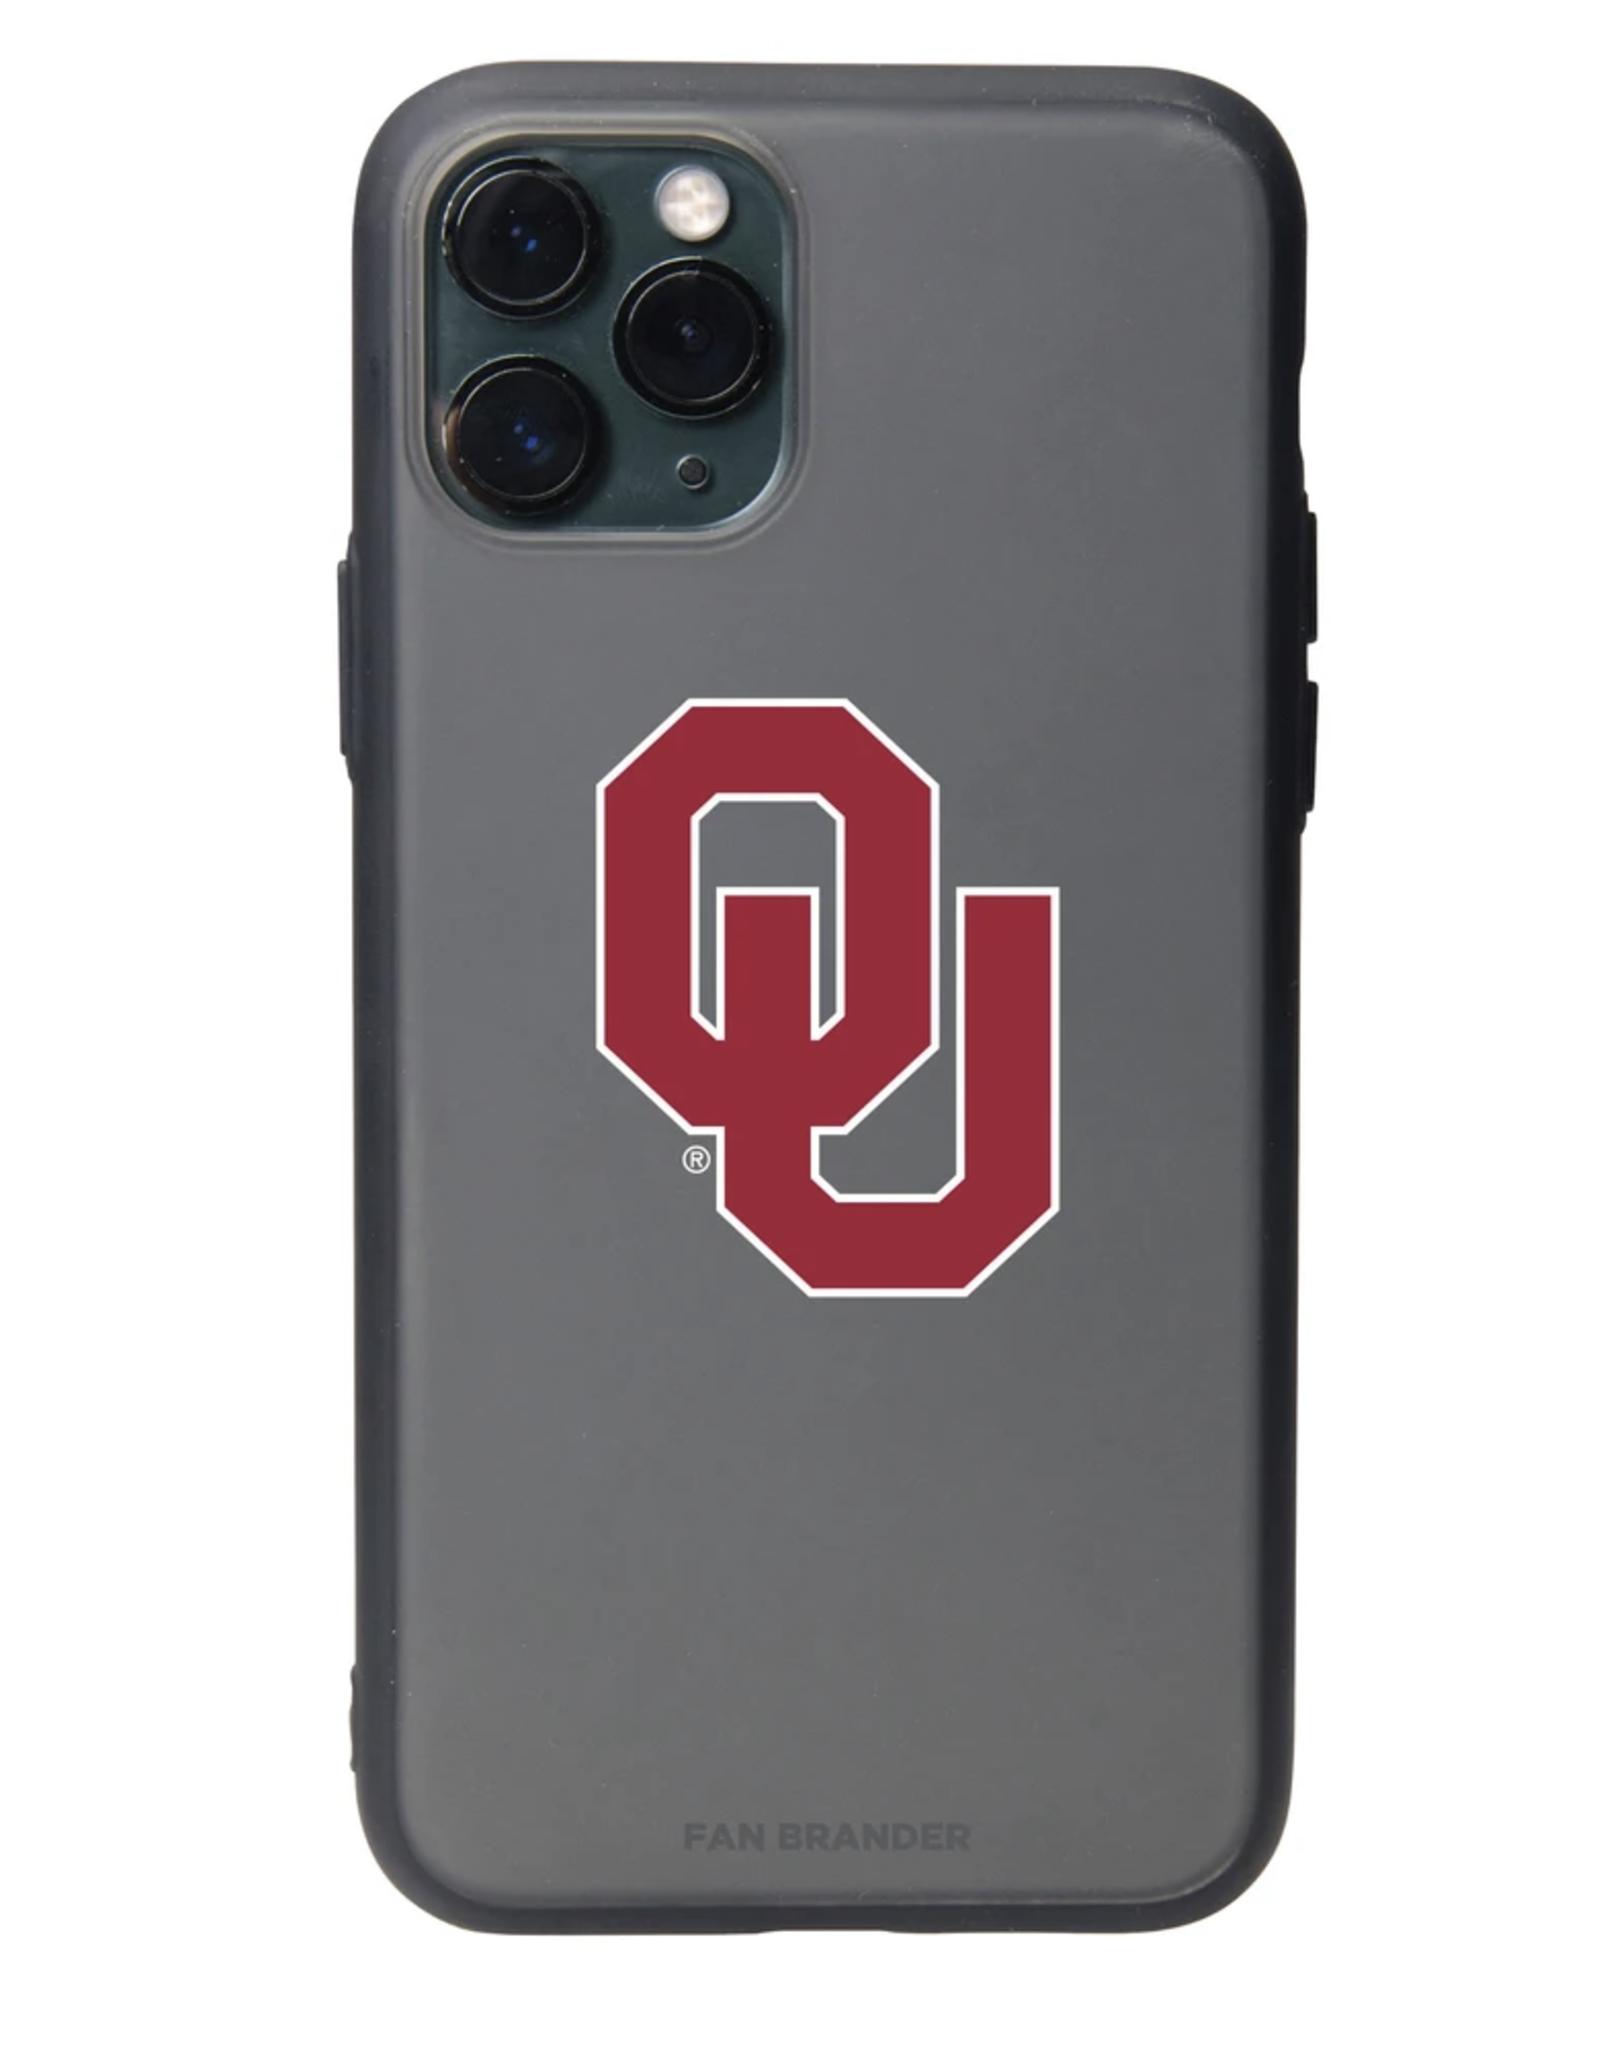 Fan Brander iPhone 12 Pro Max OU Black Slate Case